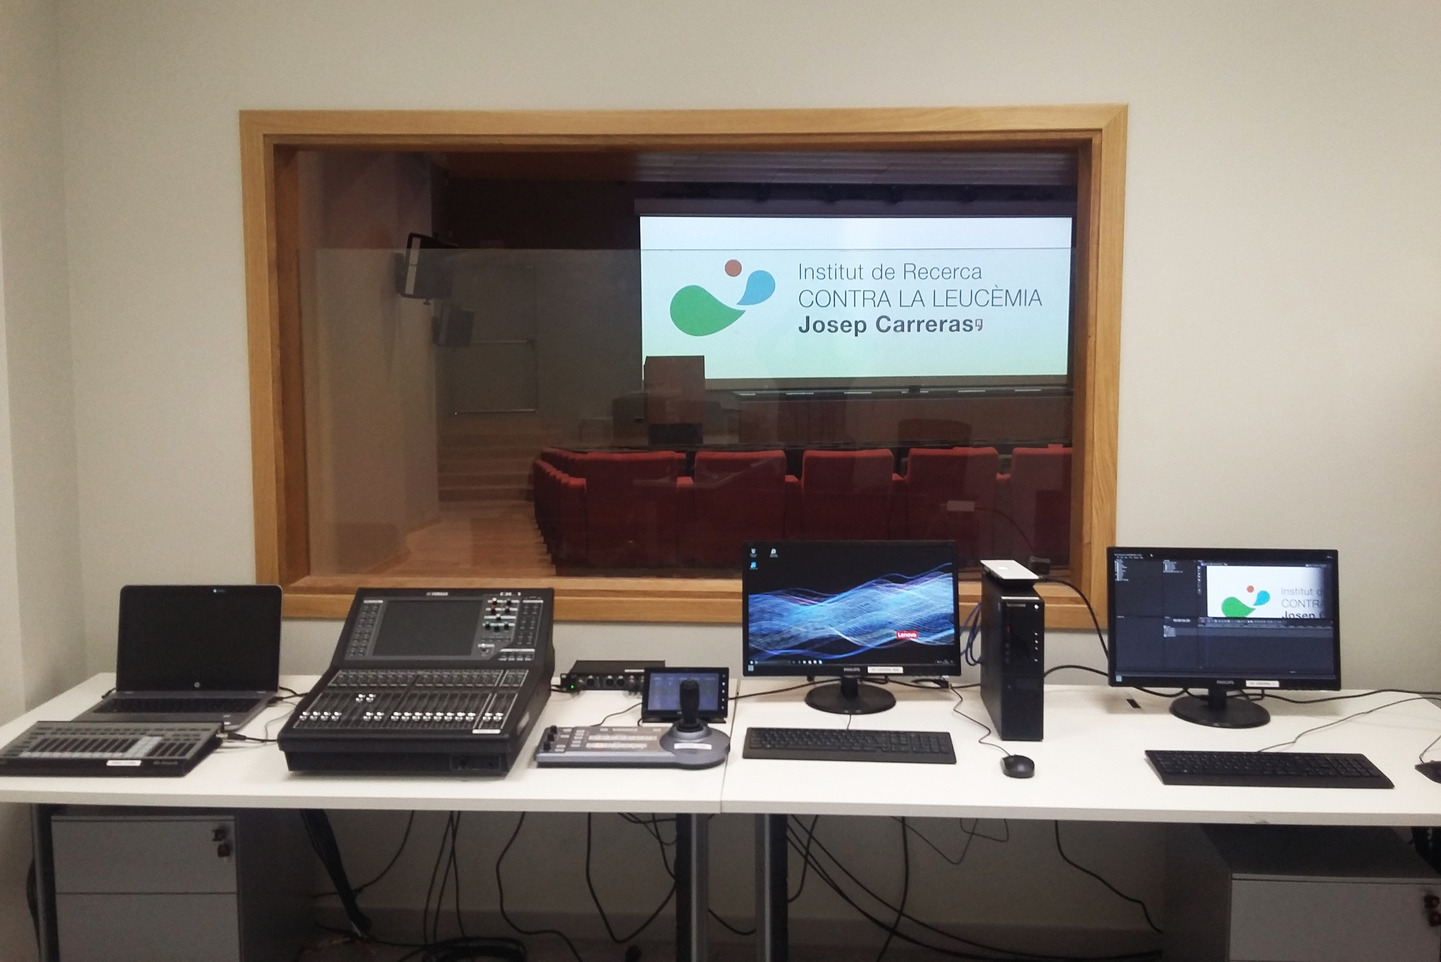 Charmex suministra lo último en tecnología audiovisual al Instituto de Investigación contra la Leucemia Josep Carreras